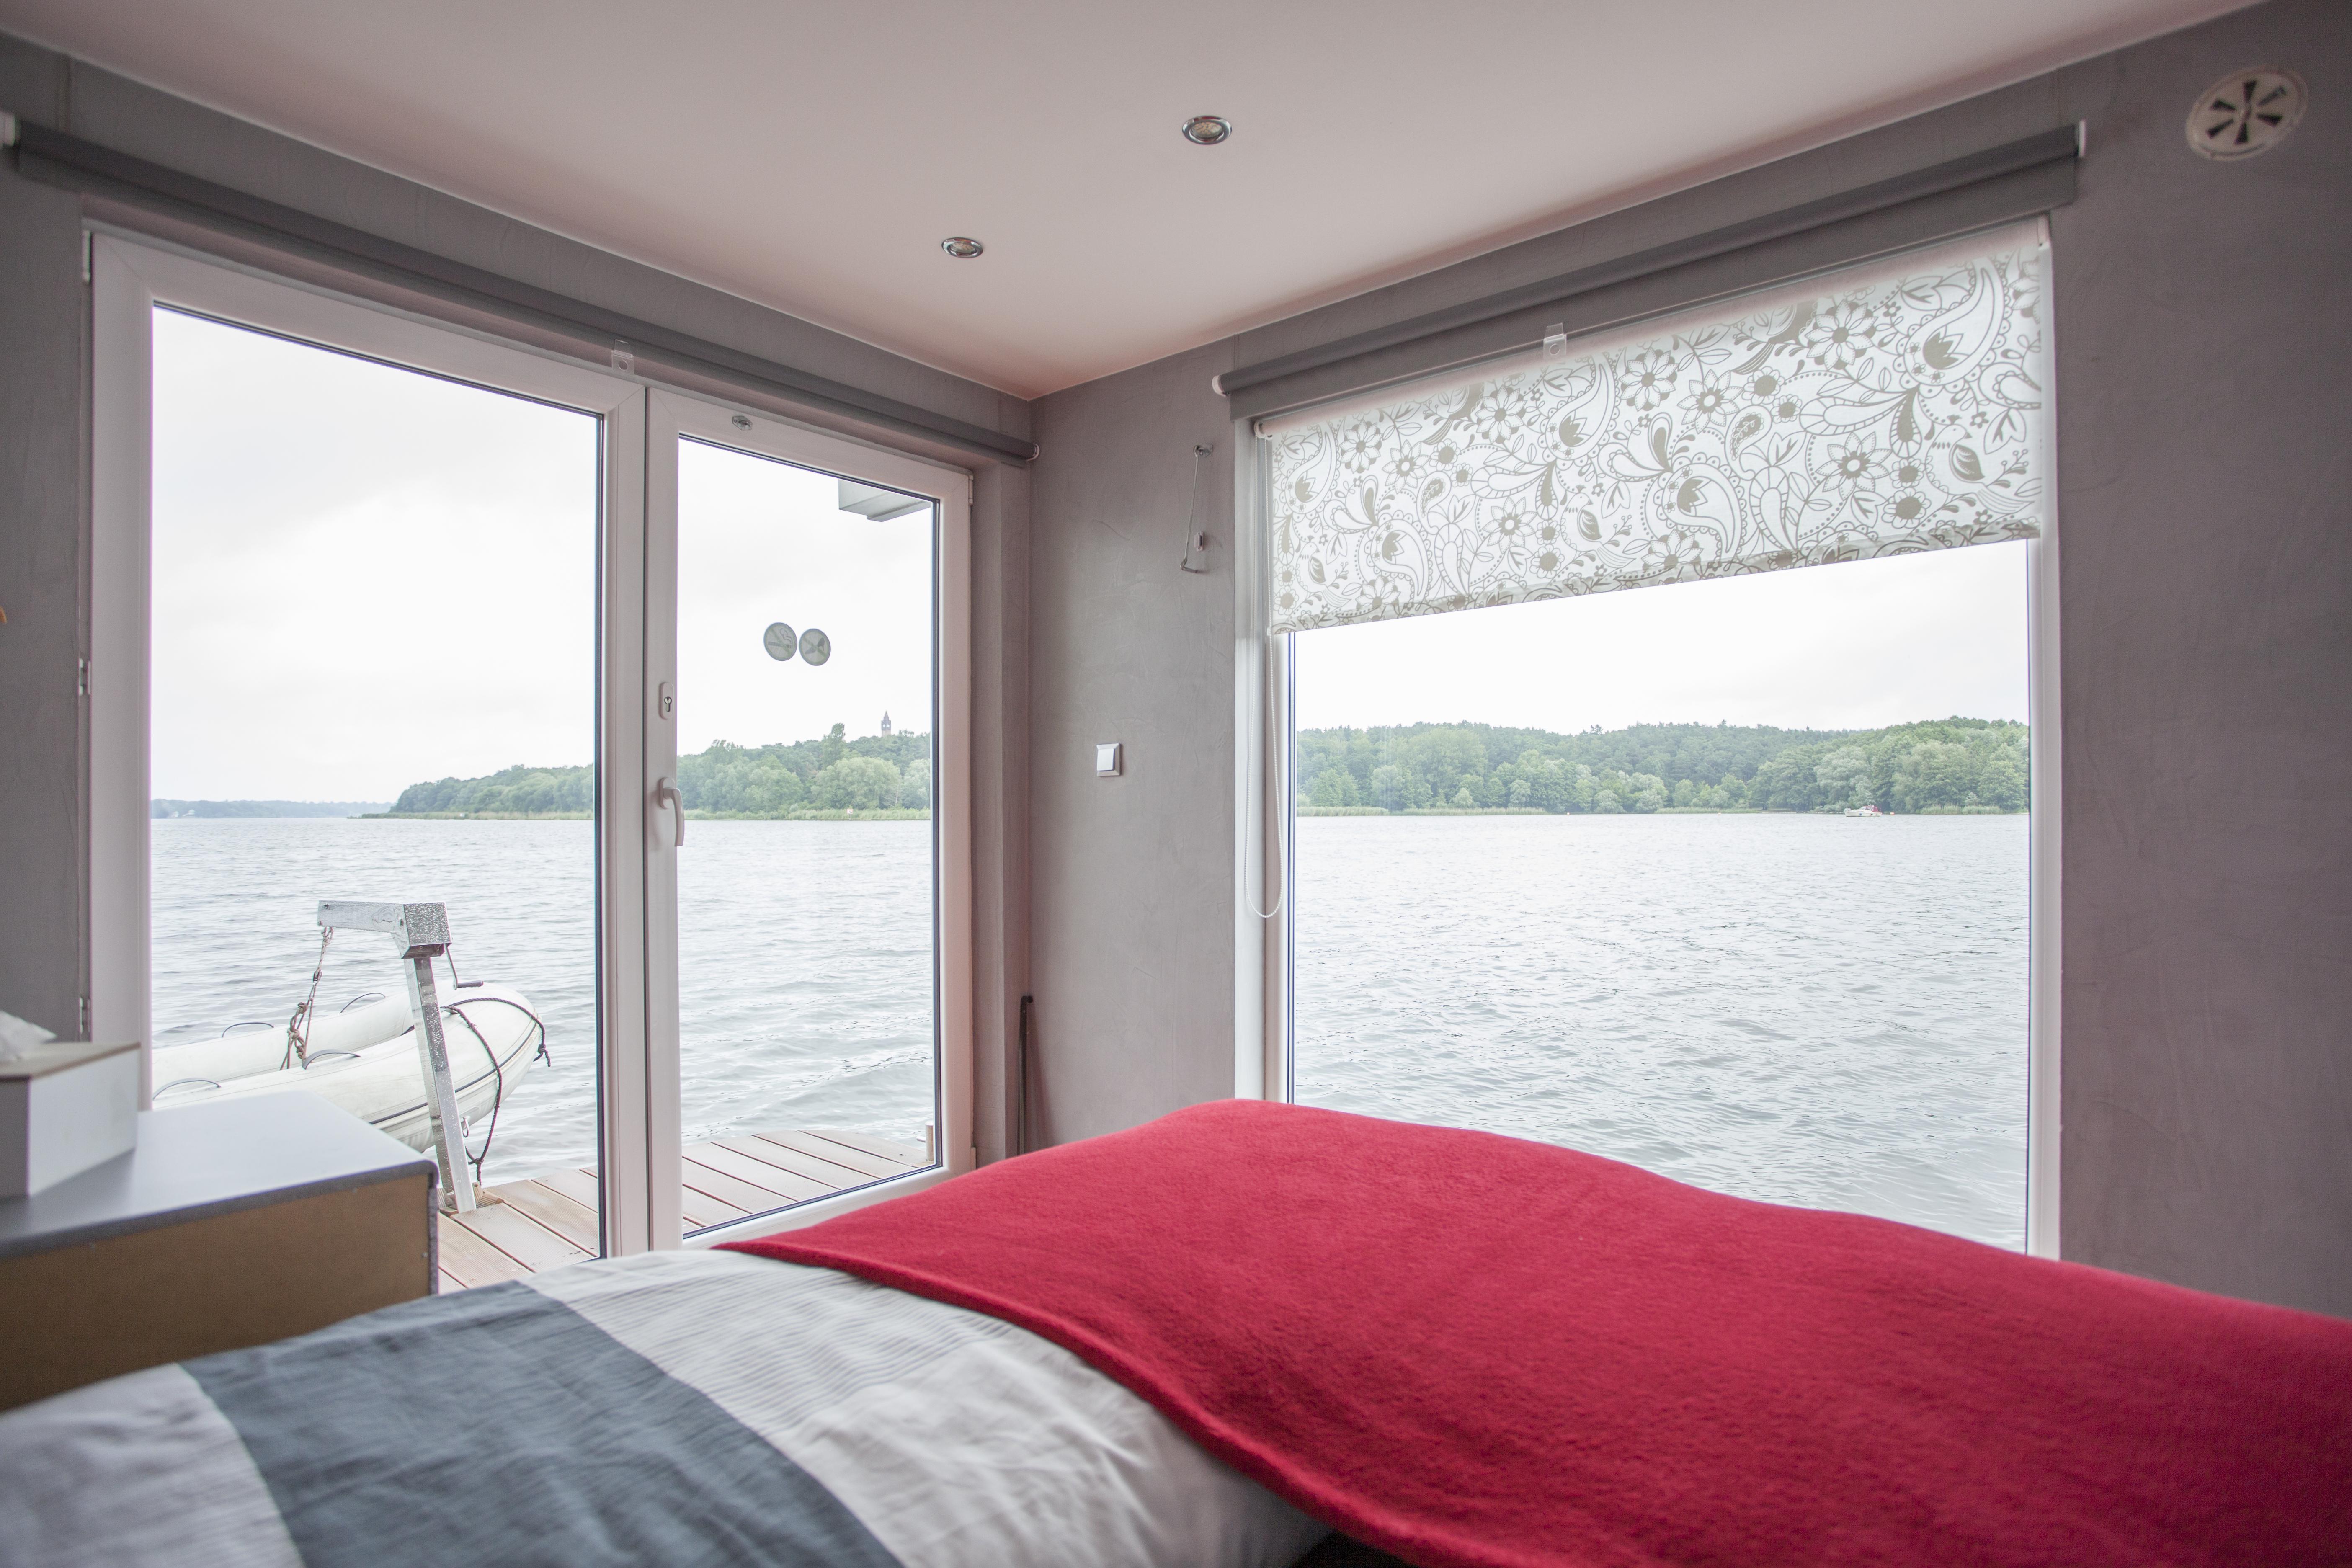 Doppeltbett mit Wasserblick